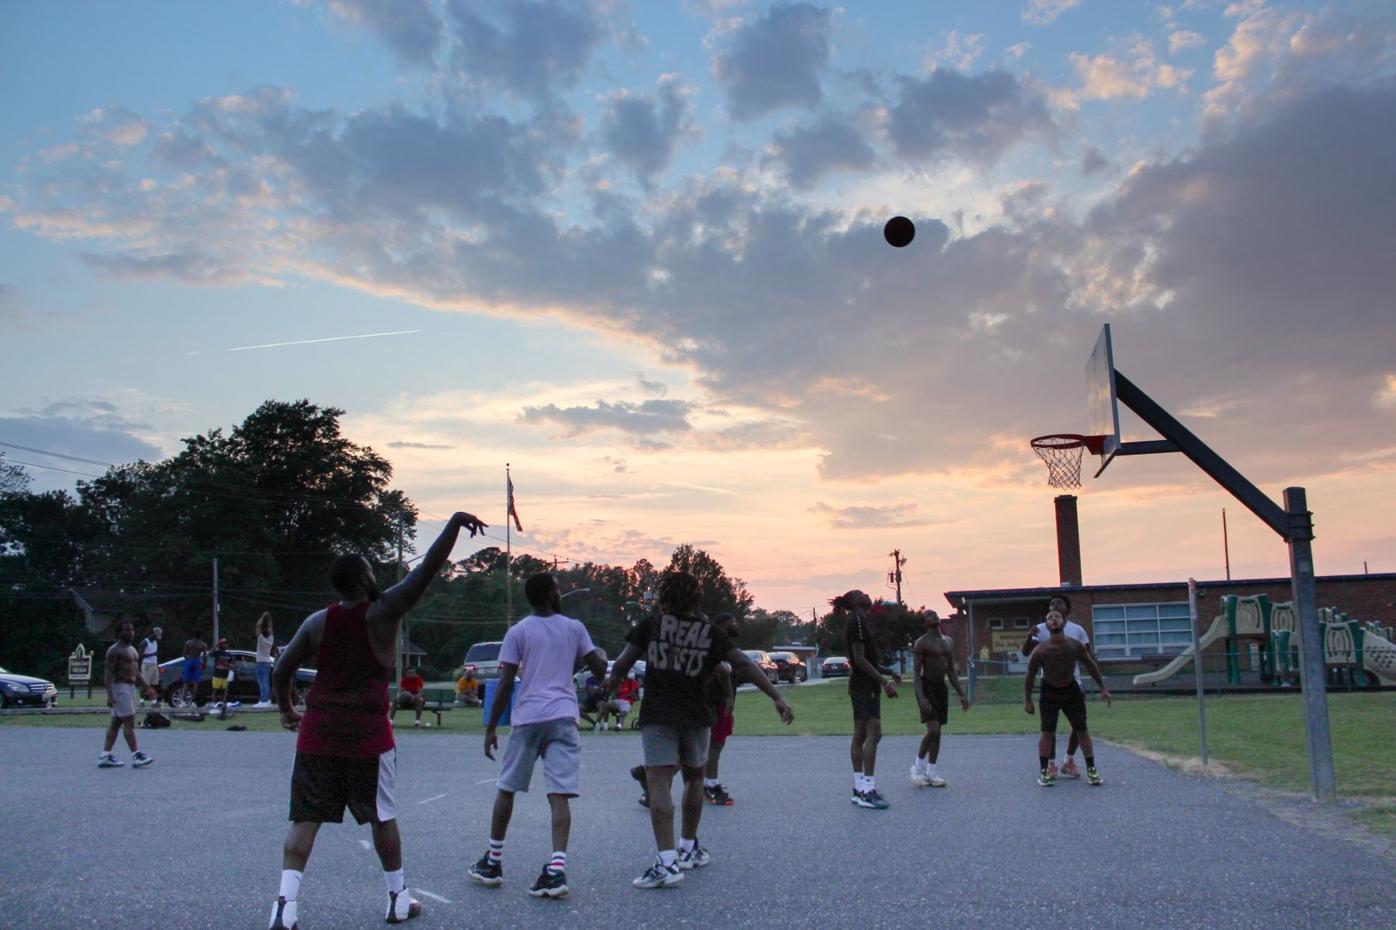 Basketball at dusk